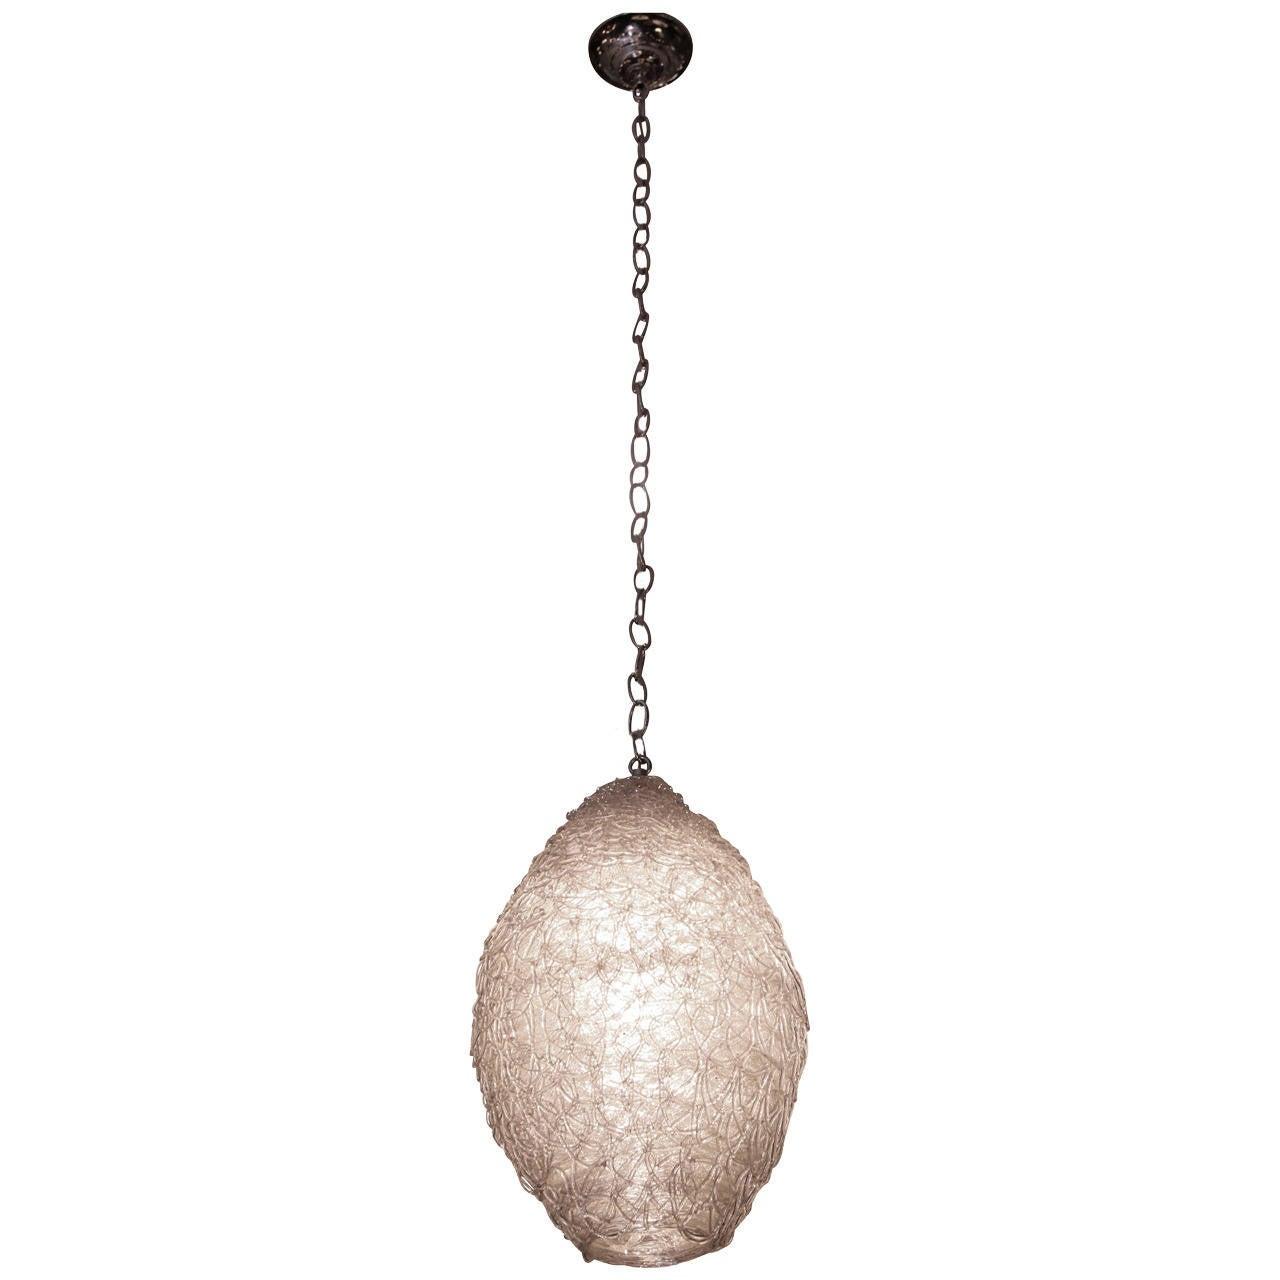 1960s Italian Mid-Century Modern Spun Acrylic 'Spaghetti' Oval Pendant Light